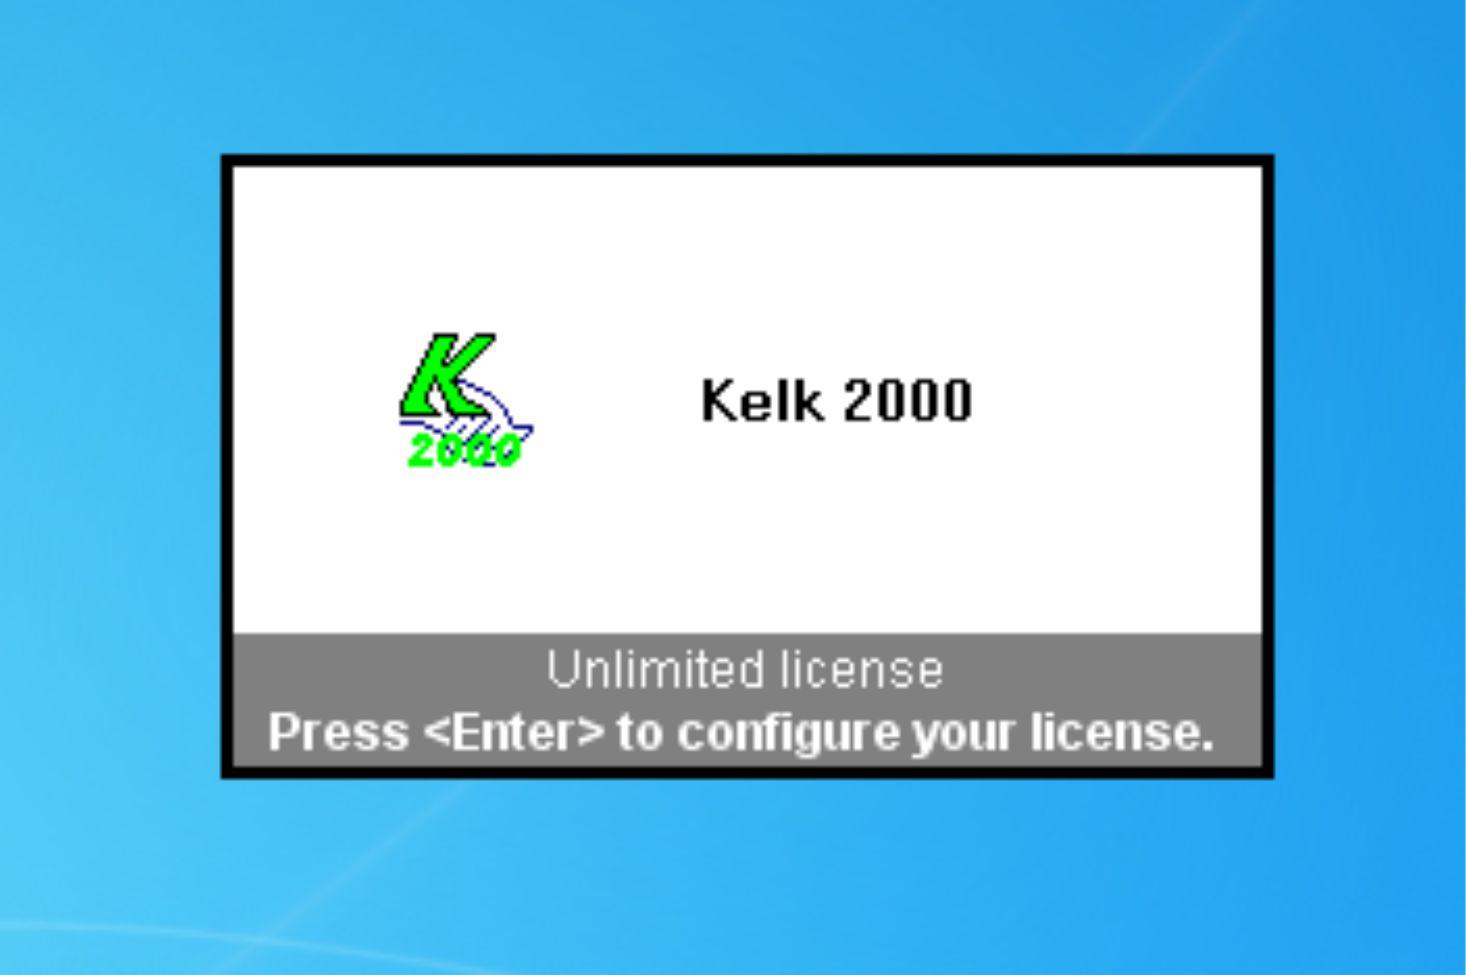 دانلود kelk 2000 با راهنمای نصب تصویری